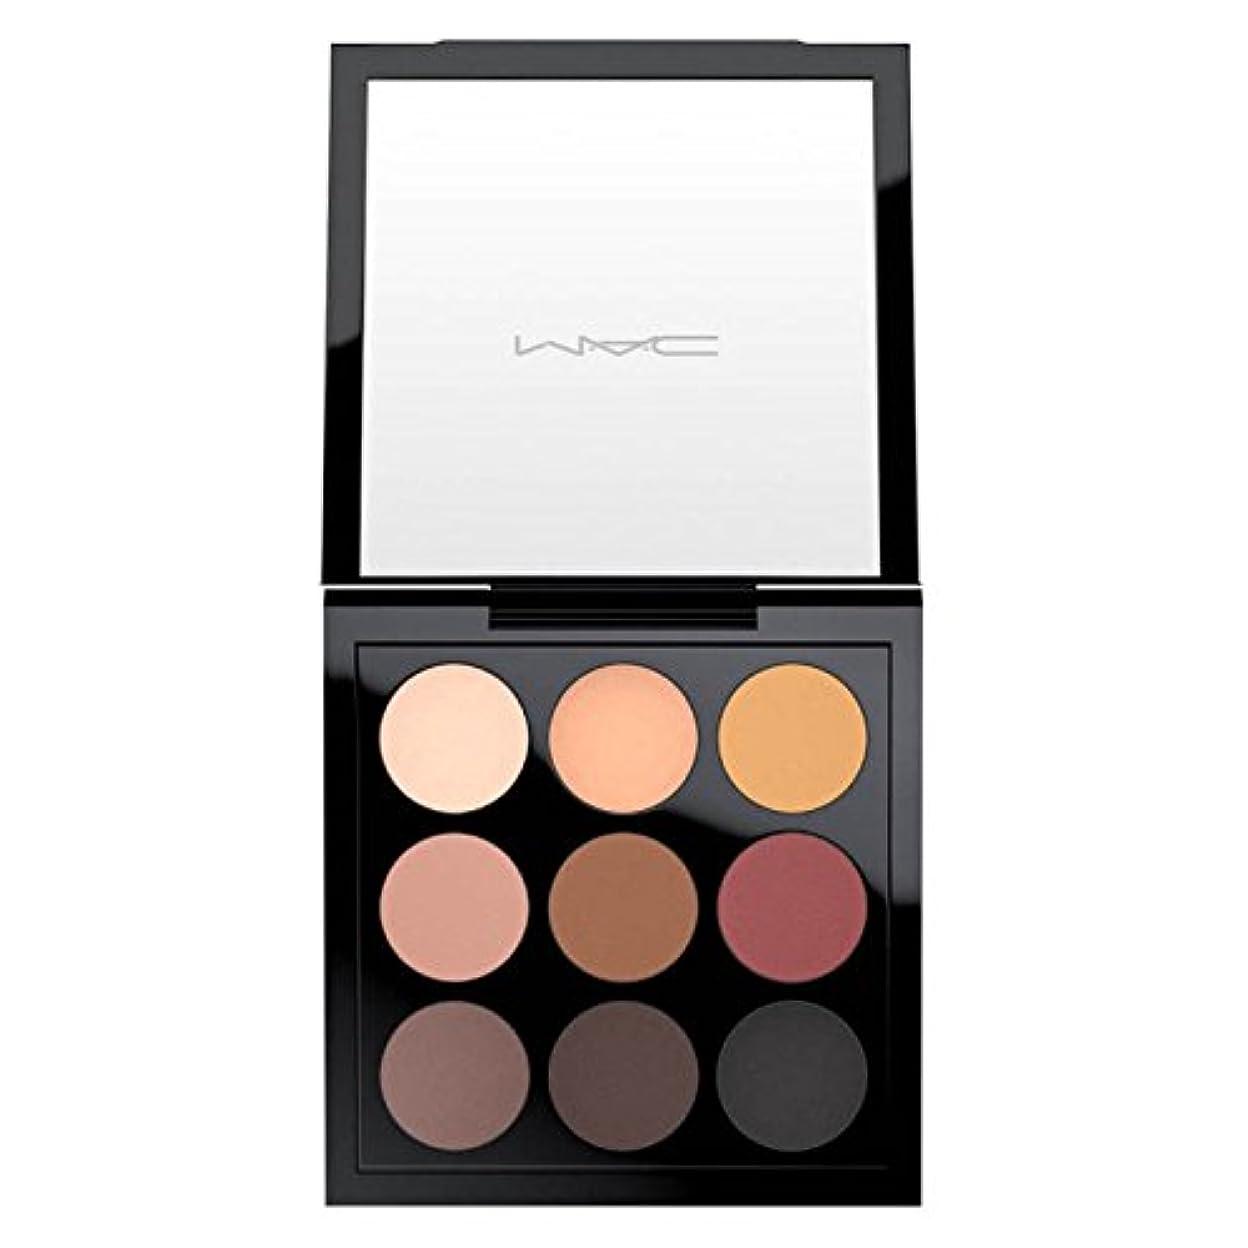 スキャンダル専らモトリーM.A.C ?マック, Semi-Sweet Times Nine Eyeshadow Palette セミスウィートタイムズナインアイシャドウパレット [海外直送品] [並行輸入品]